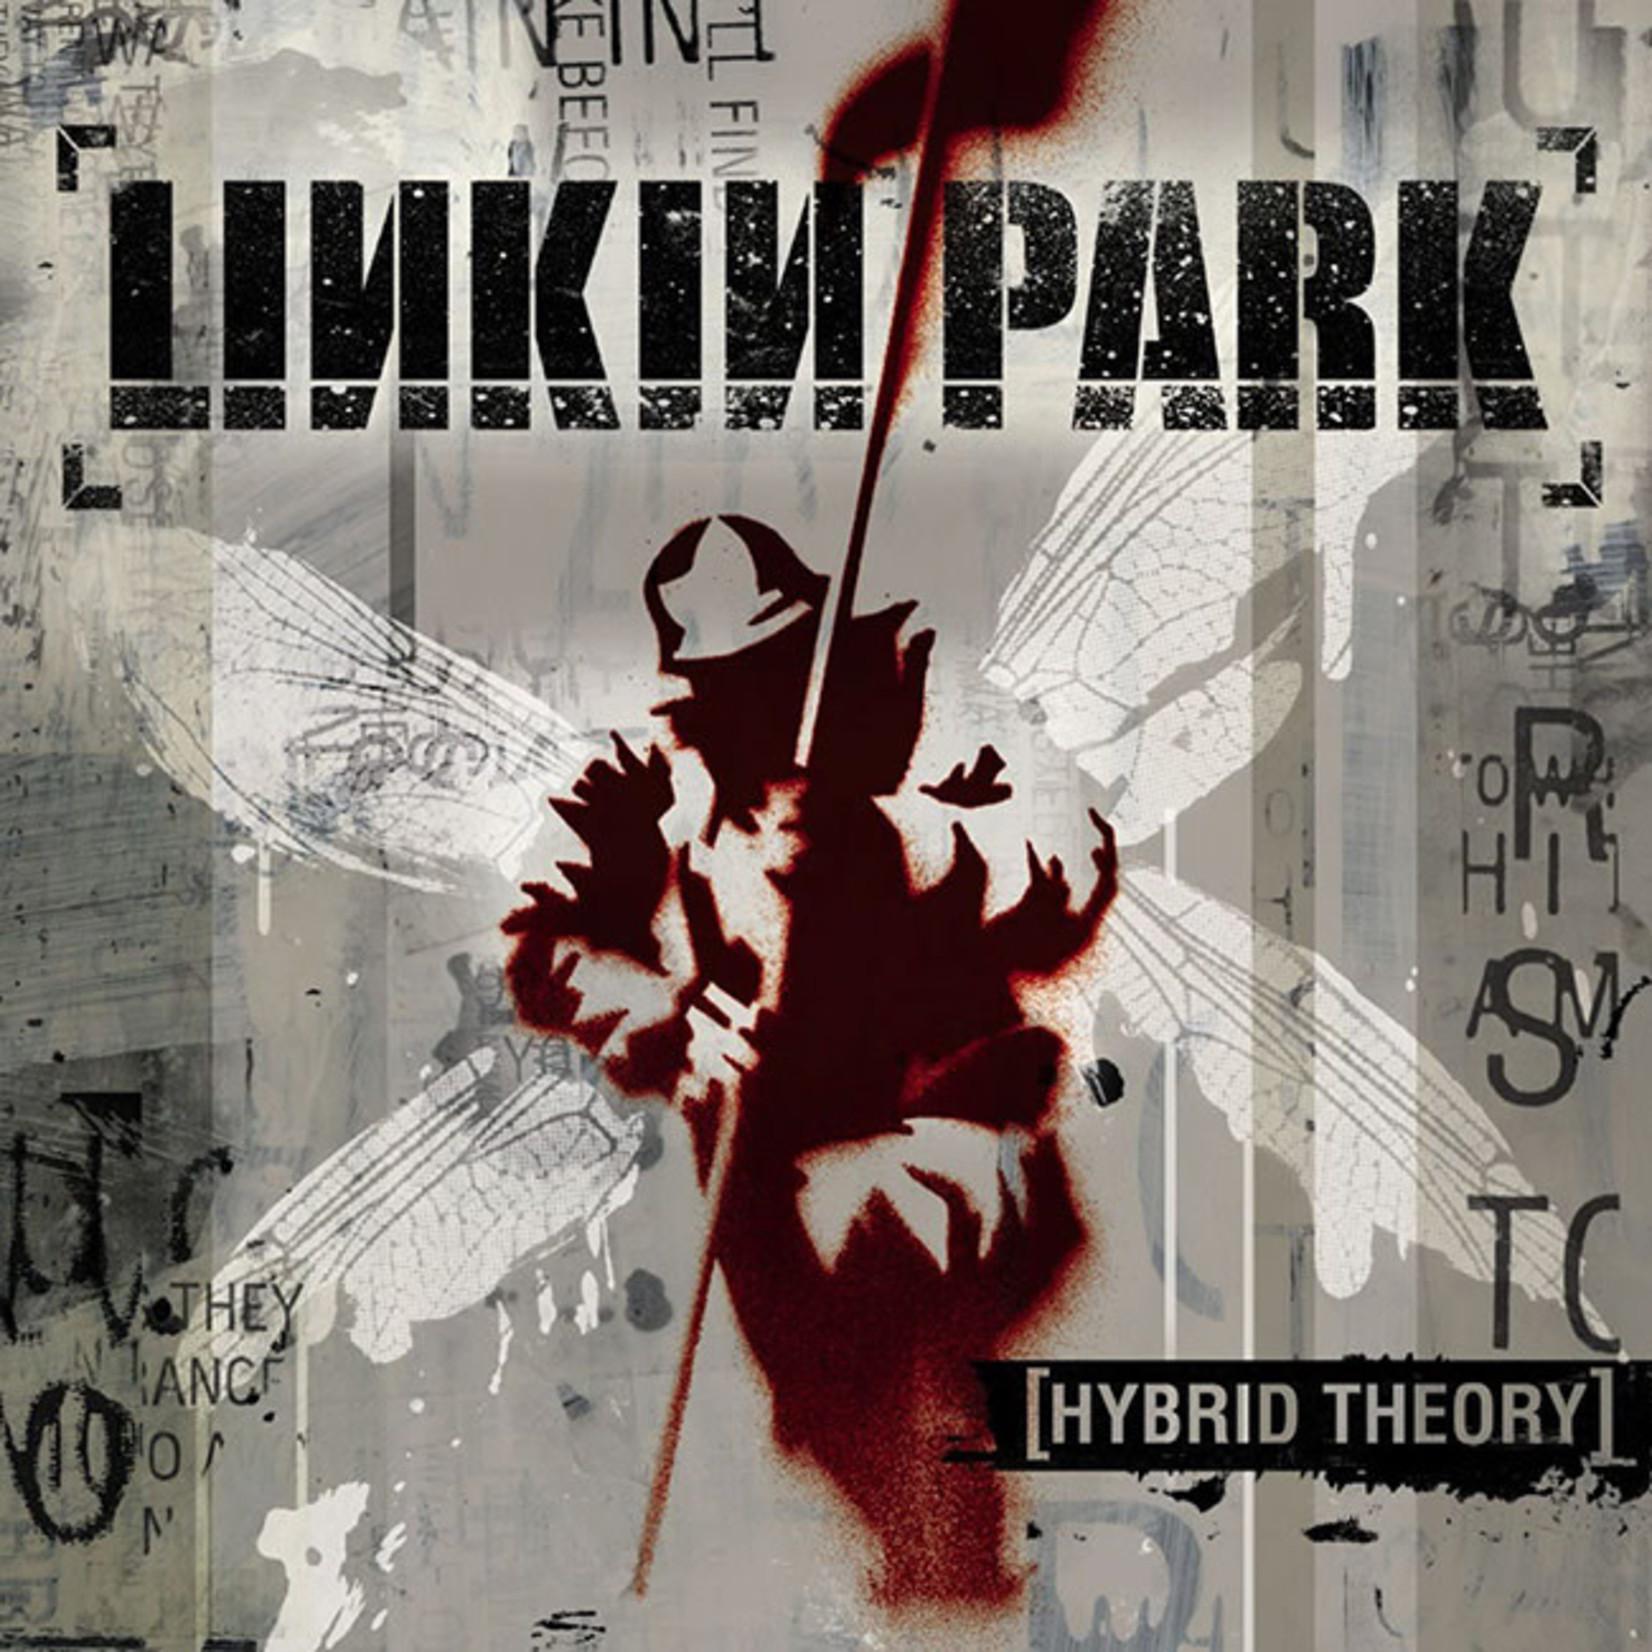 [New] Linkin Park: Hybrid Theory